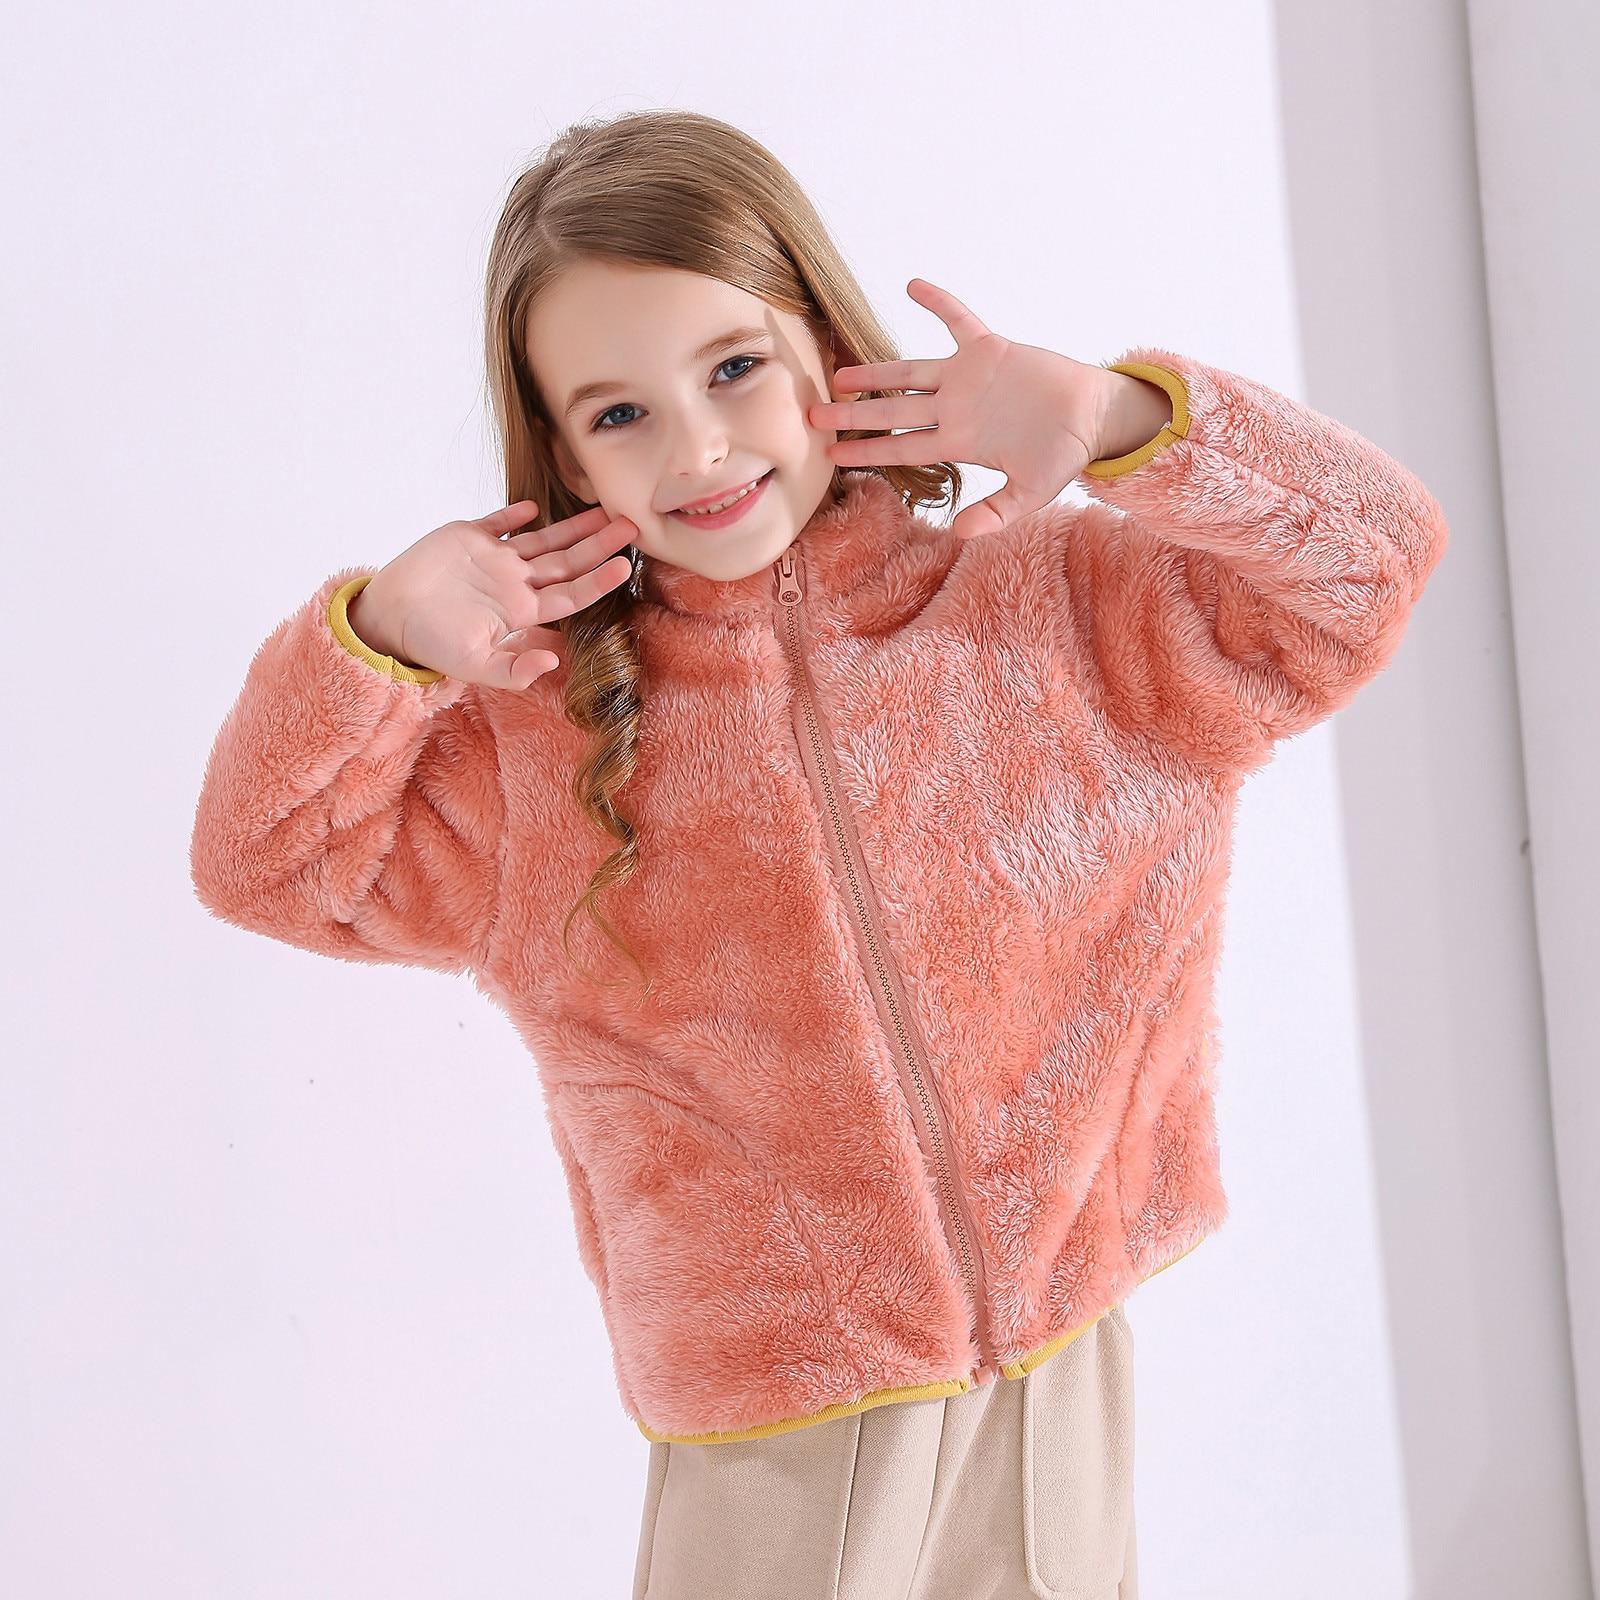 Пальто для детей; Детская одежда; Теплые фланелевые Зимние флисовые куртки для маленьких мальчиков и девочек; Толстовка; Плотные пальто; куртка для девочек-1